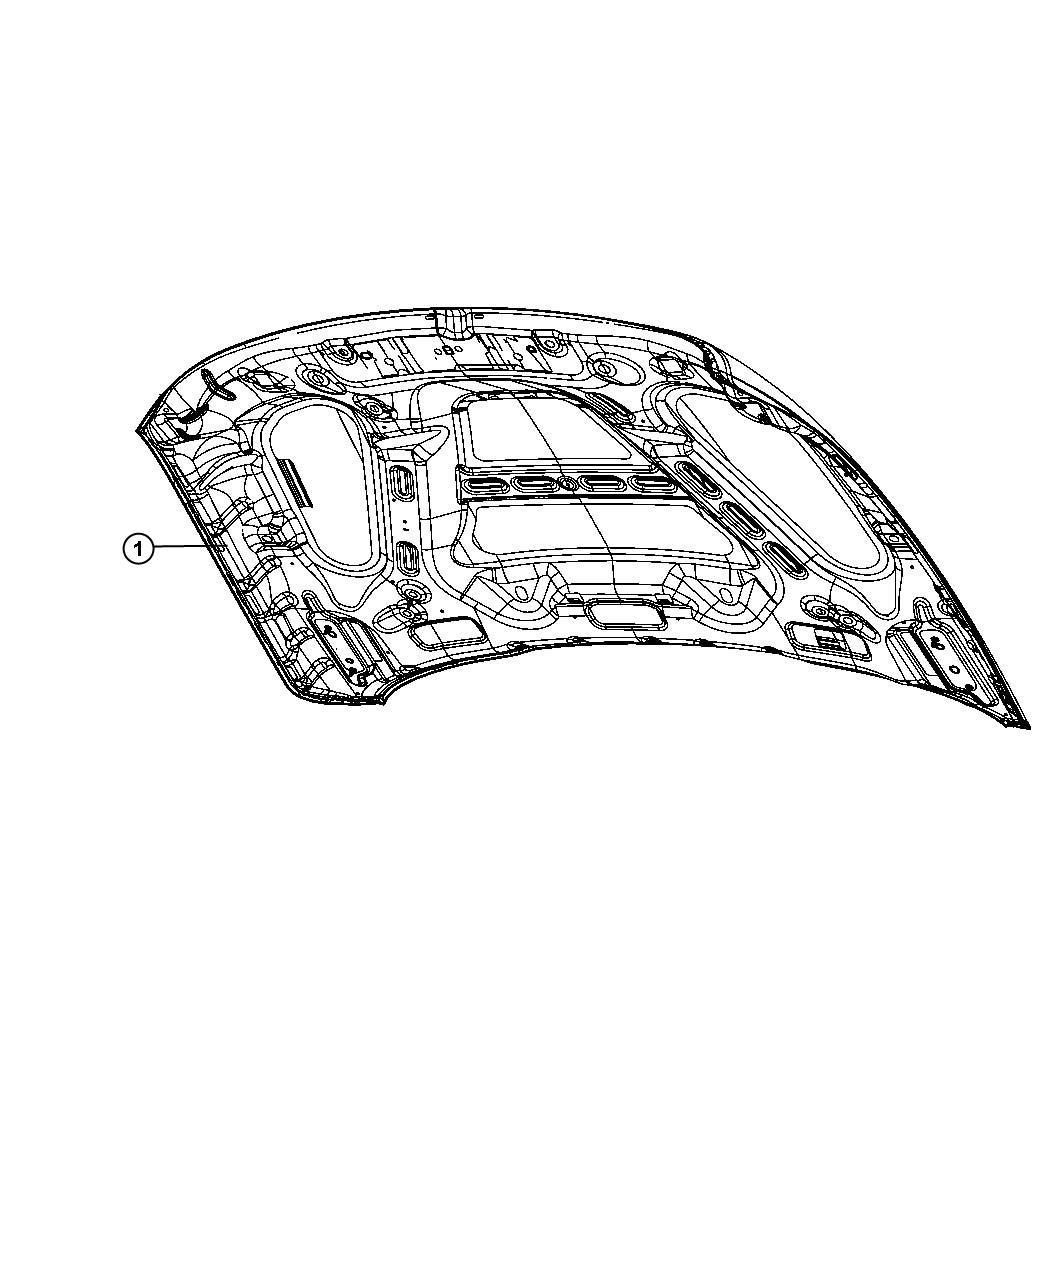 Dodge Ram Label Vehicle Emission Control Information